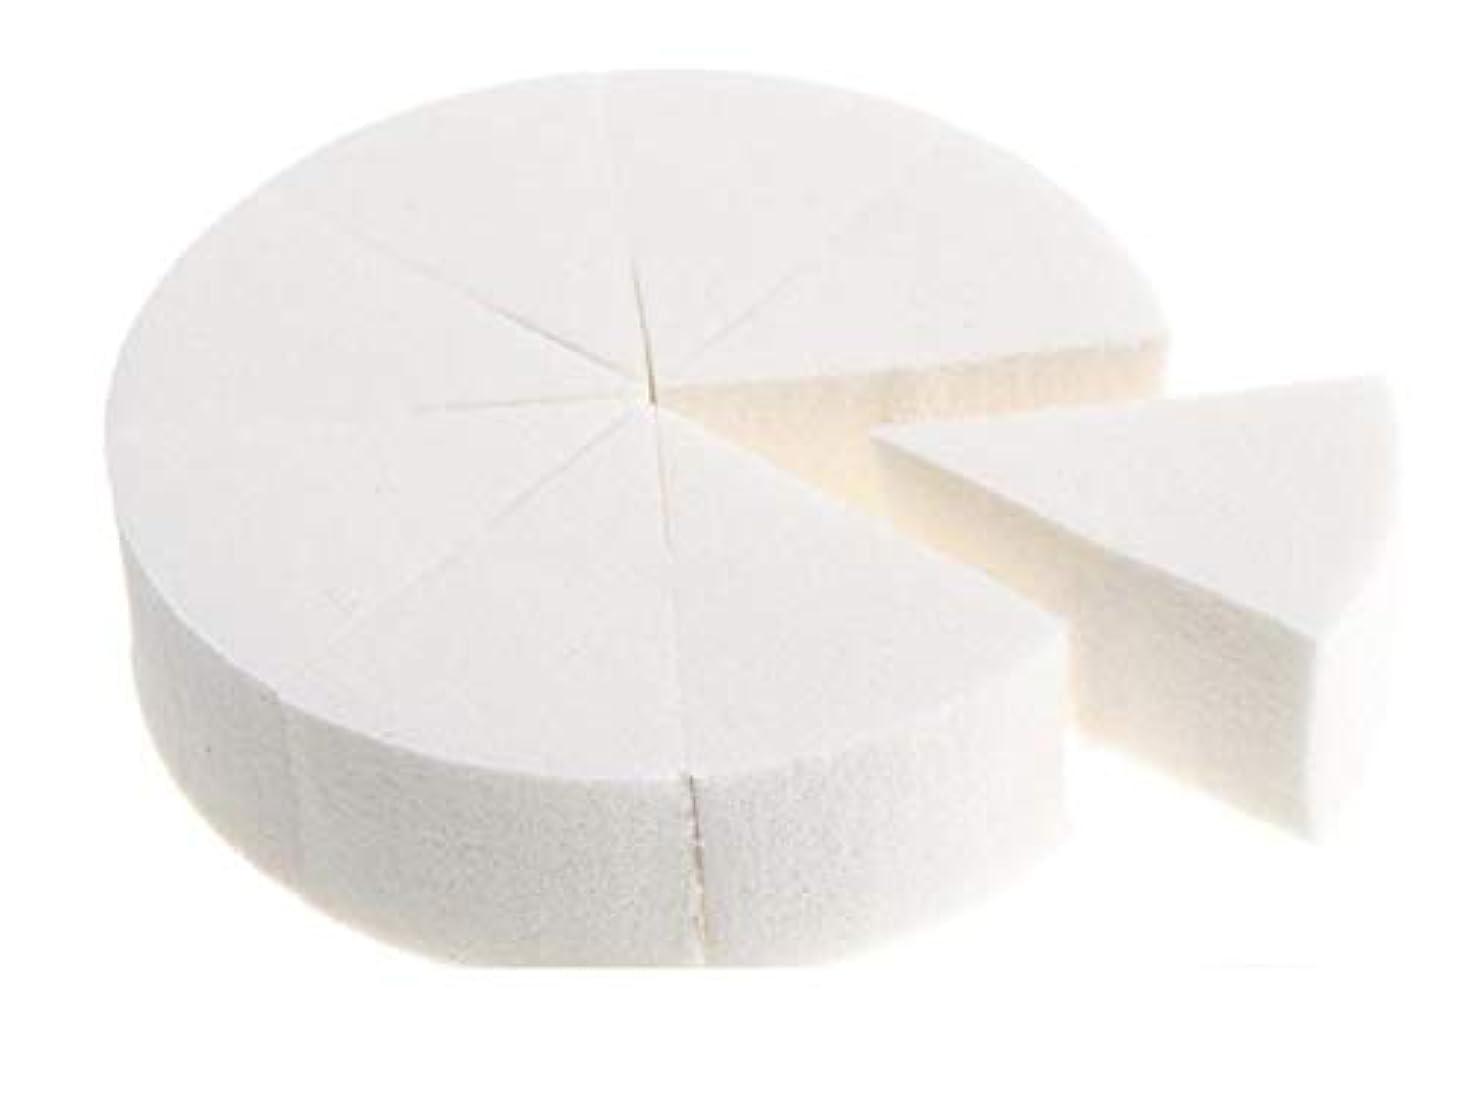 シャワータービン独特の美容スポンジ、柔らかい8部分の三角形の構造のスポンジのパフの構造のミキサー (Color : ホワイト)